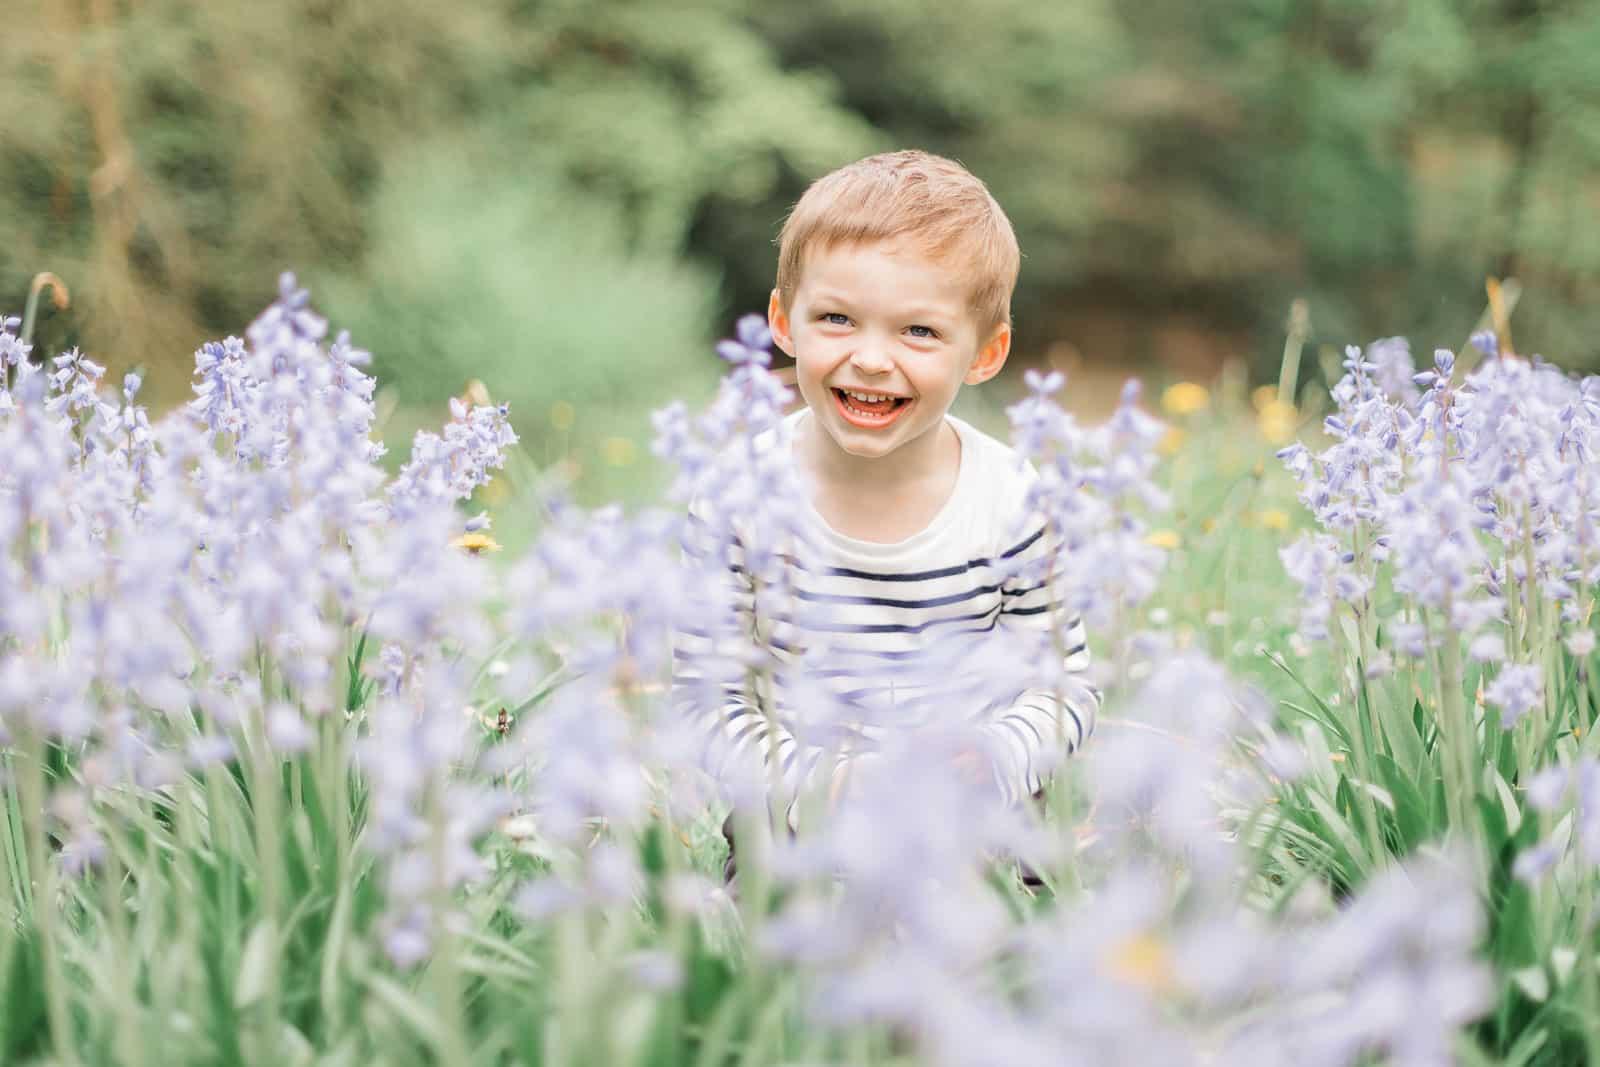 Photographie de Mathieu Dété, photographe de séances famille lifestyle à La Réunion, présentant un enfant avec un grand sourire dans les fleurs